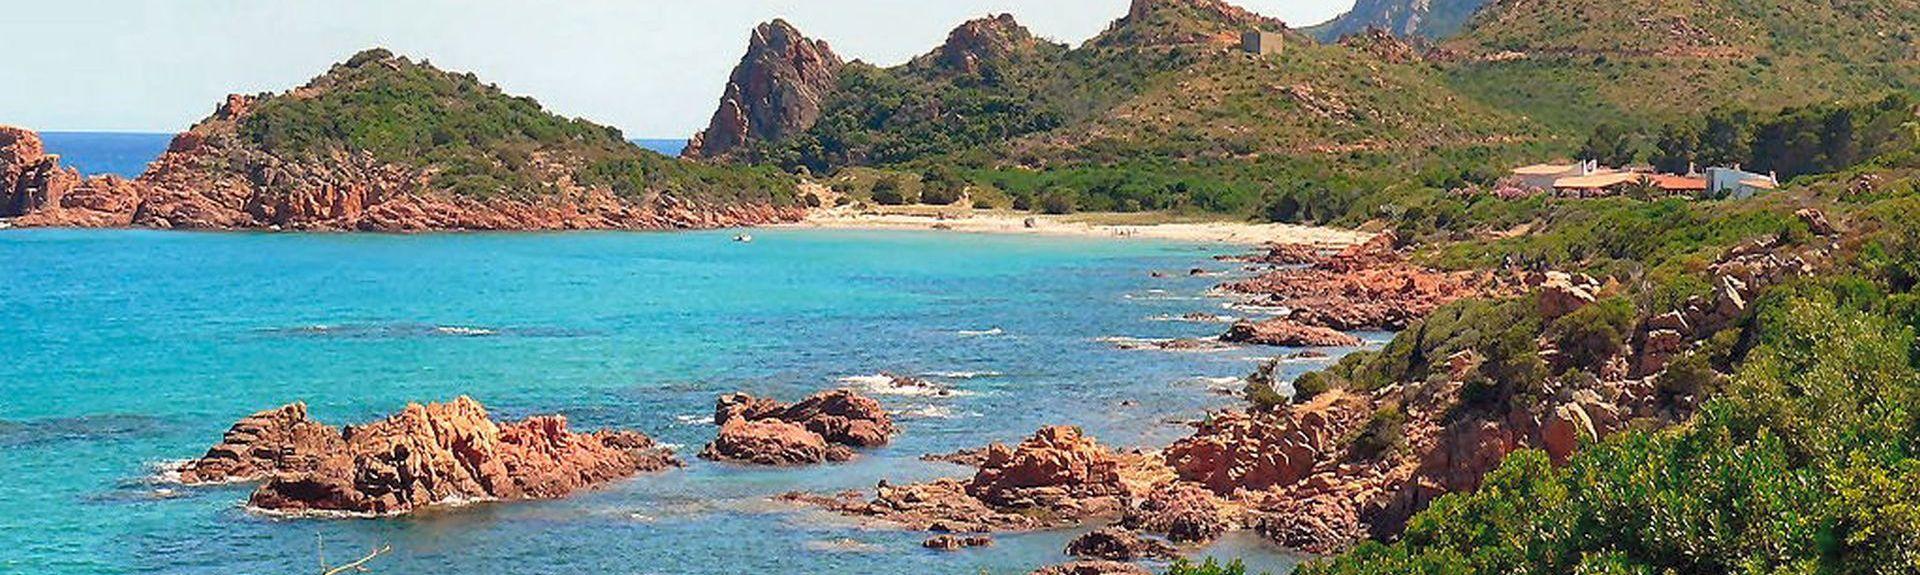 Nuraghe Arrubiu, Orroli, Sardinië, Italië